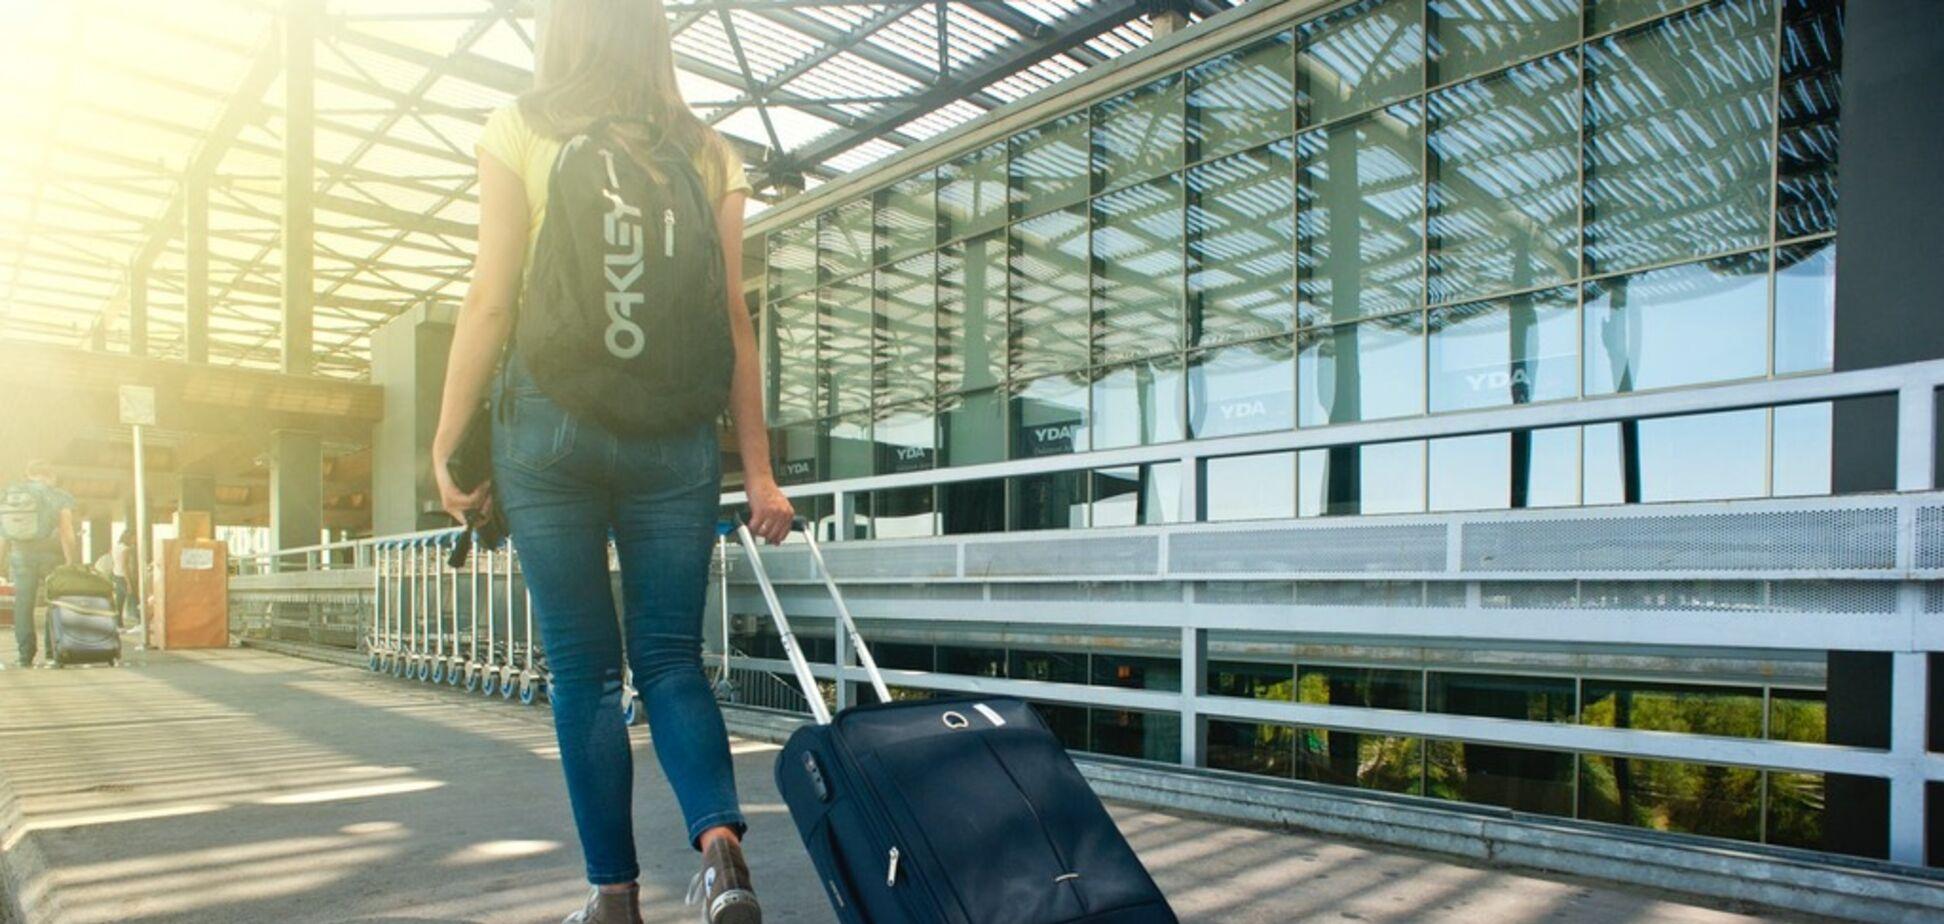 Ручна поклажа і багаж: як змінилися правила популярних авіакомпаній